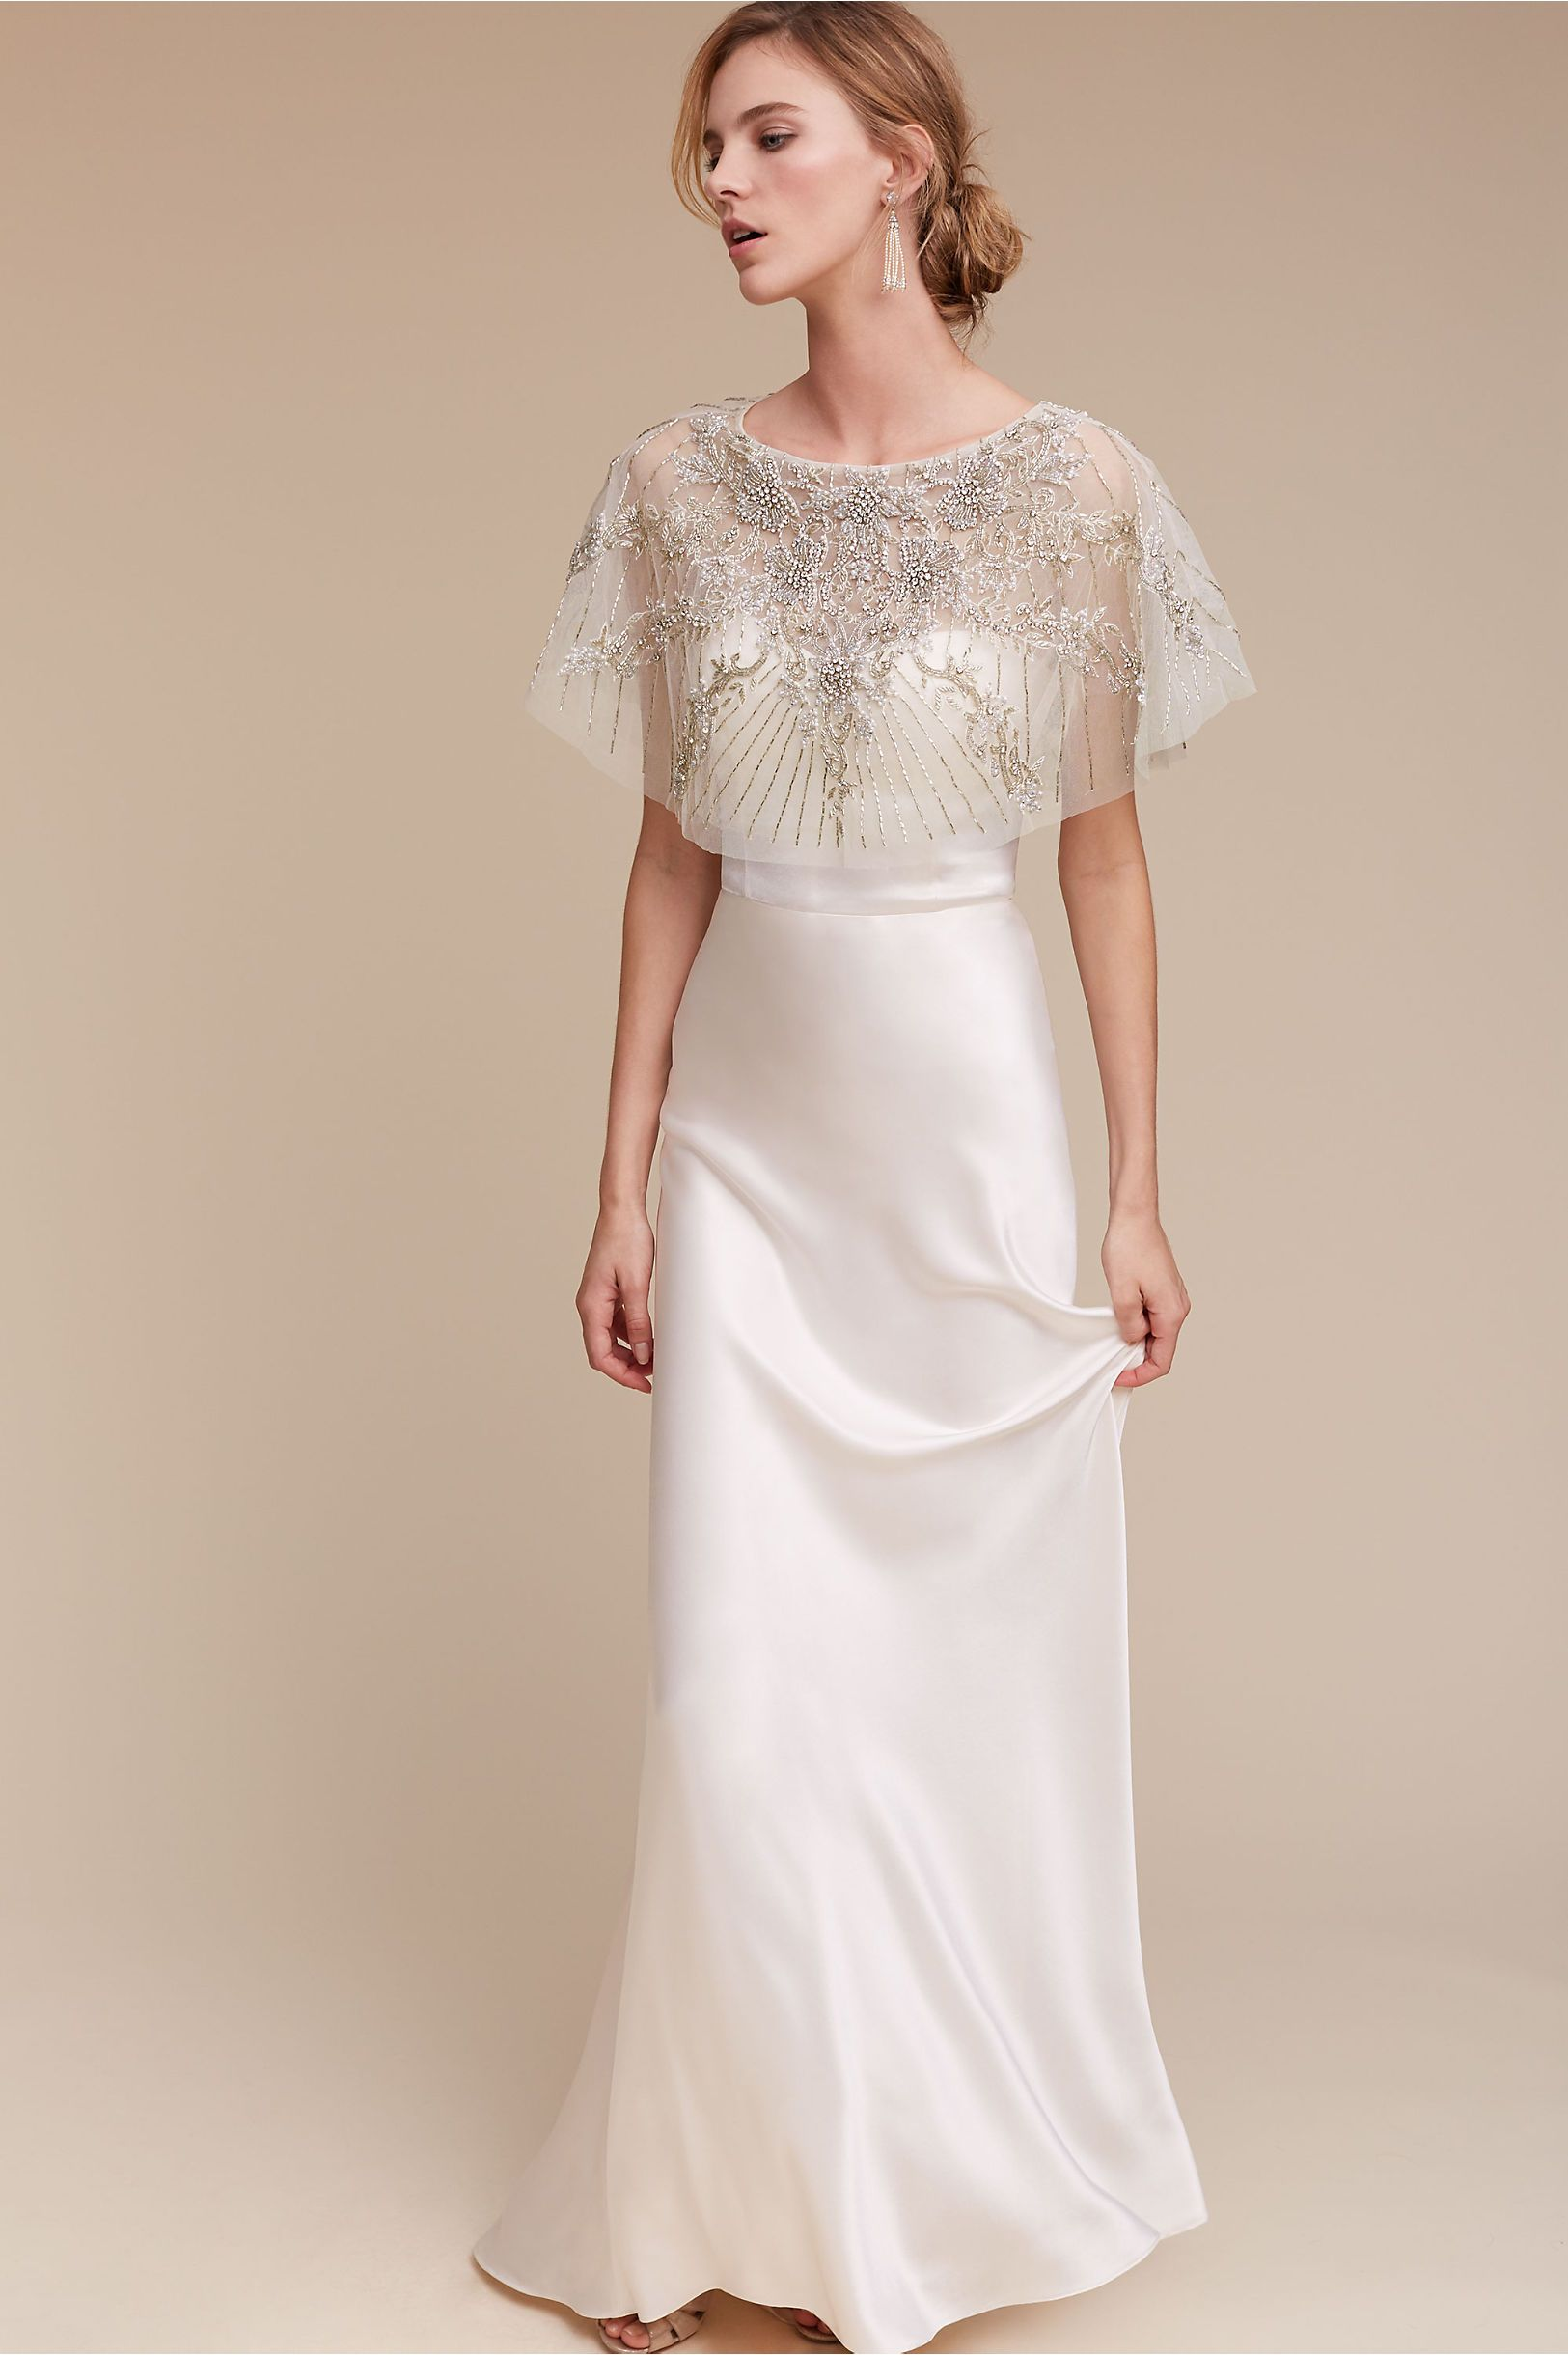 BHLDN Gina Gown in Bride Wedding Dresses Sheath | BHLDN | The Big W ...